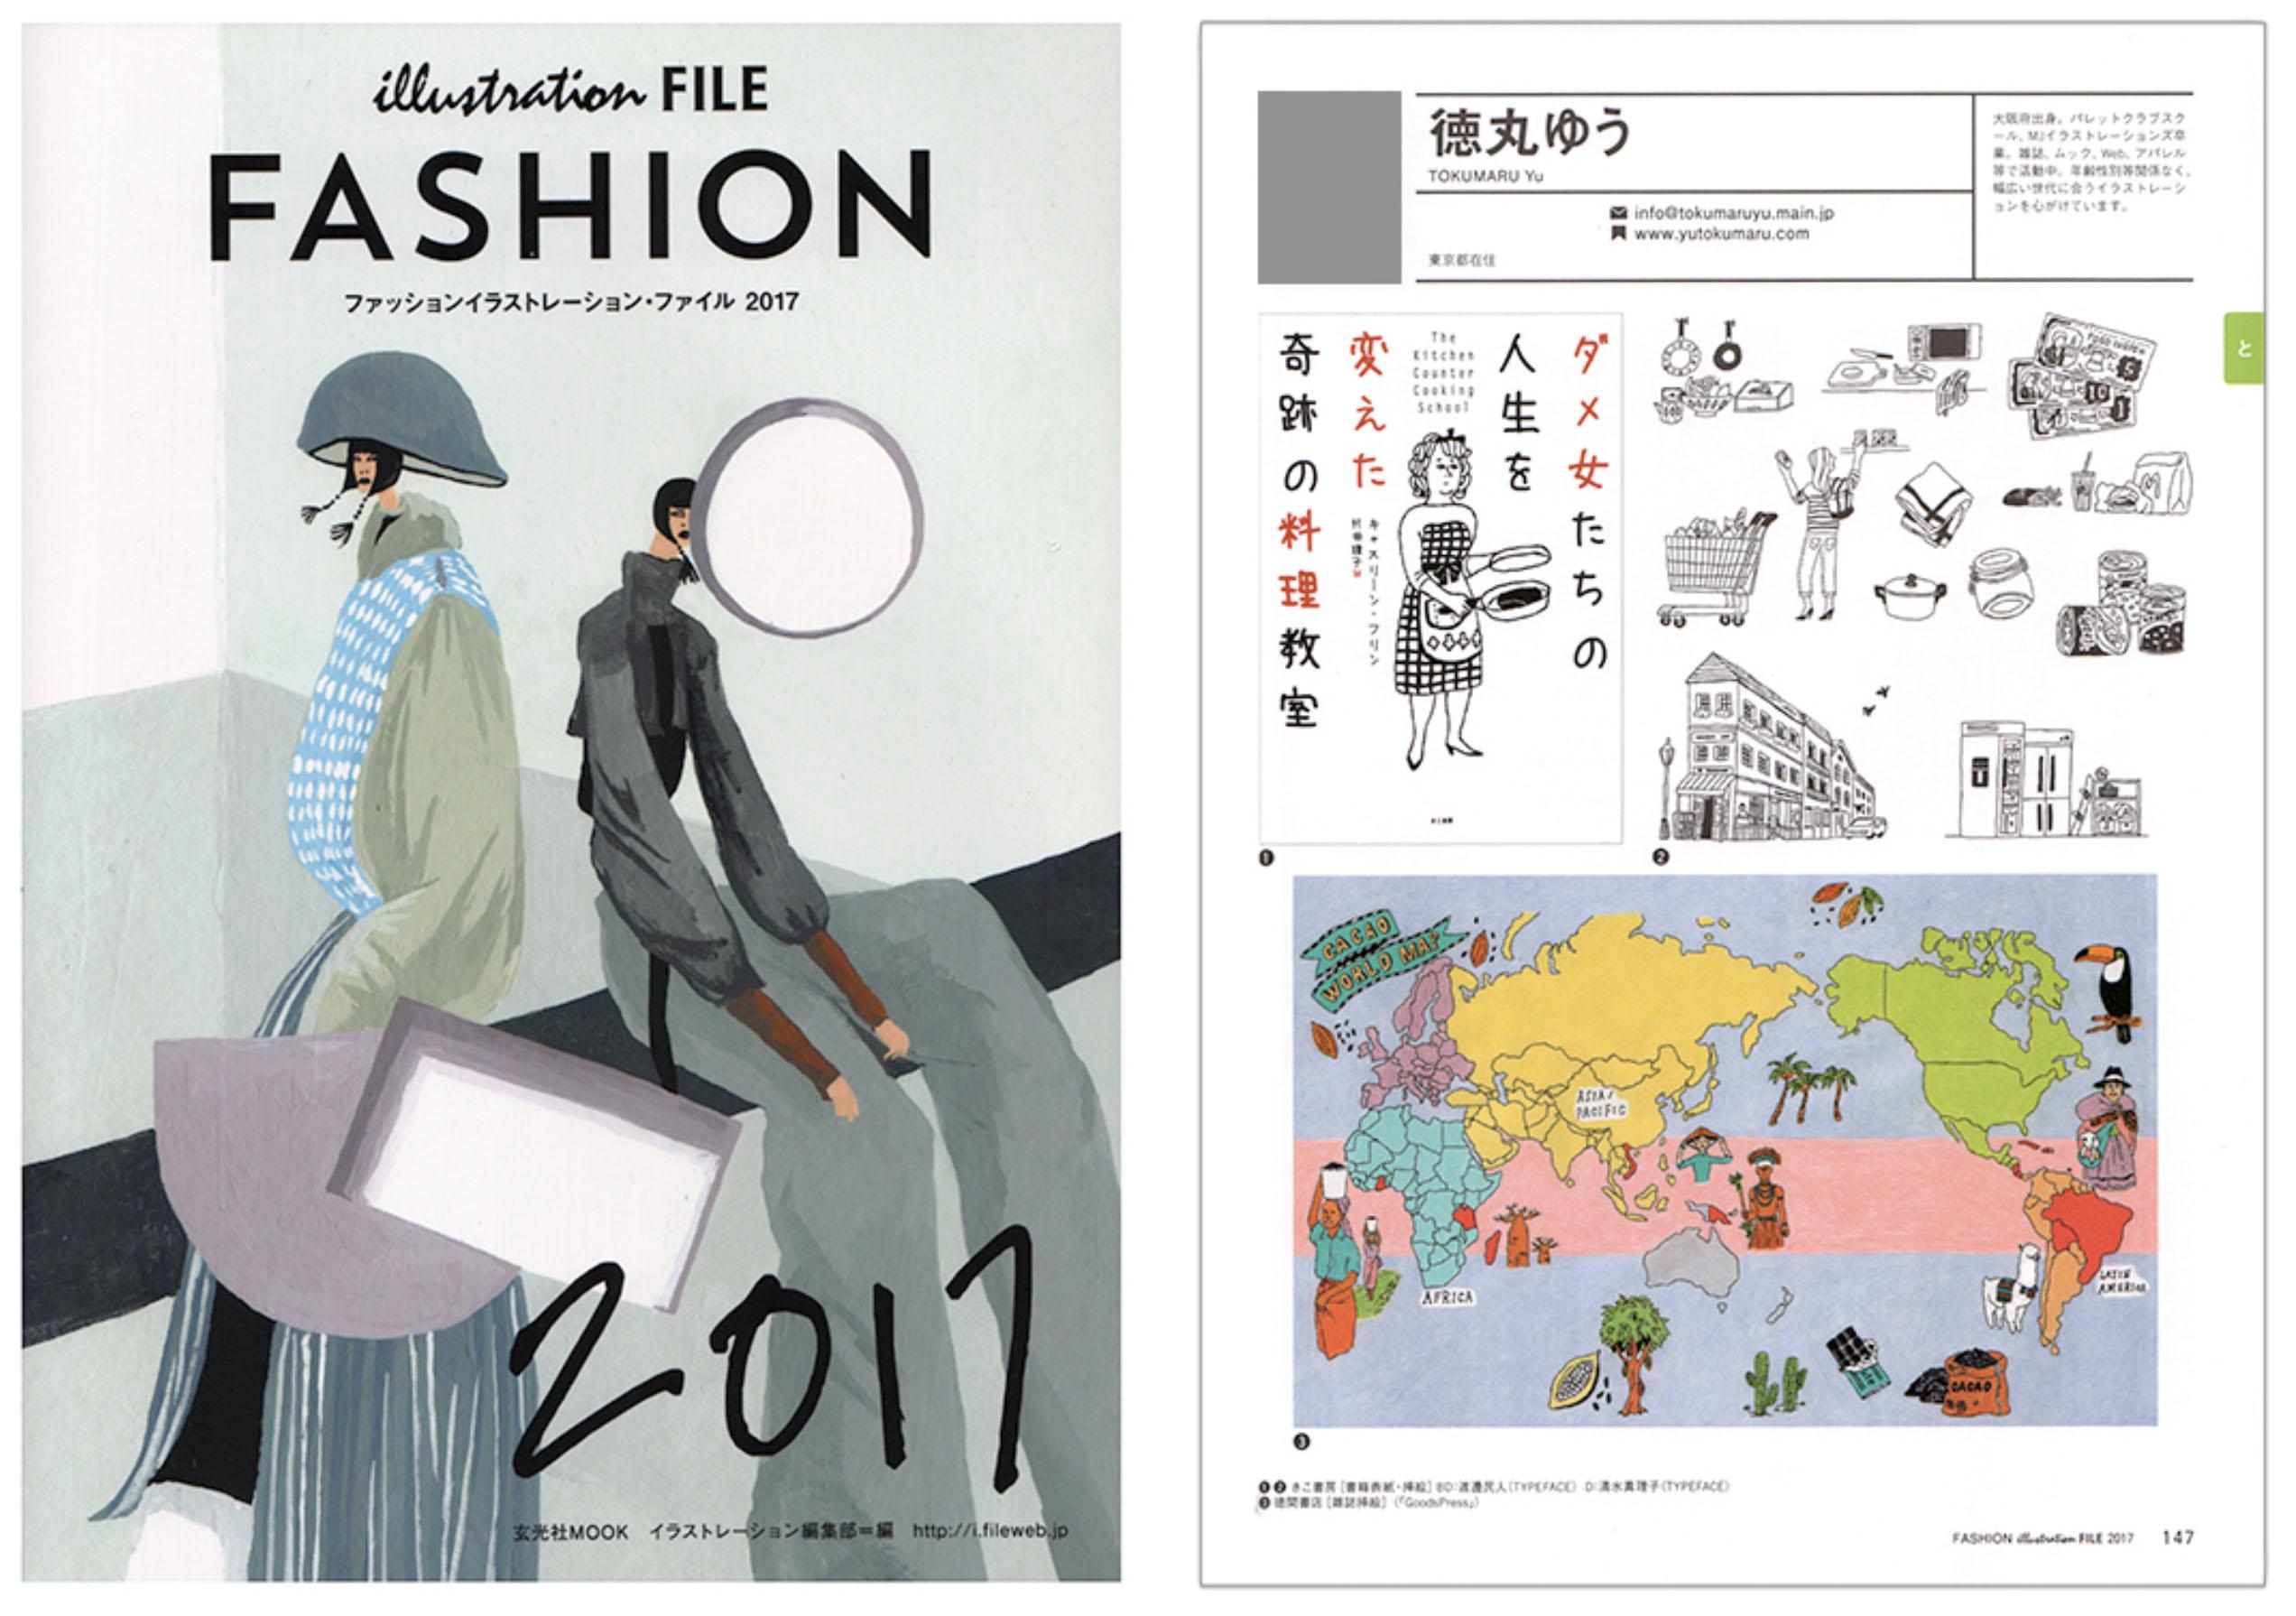 ファッションイラストレーションファイル2017